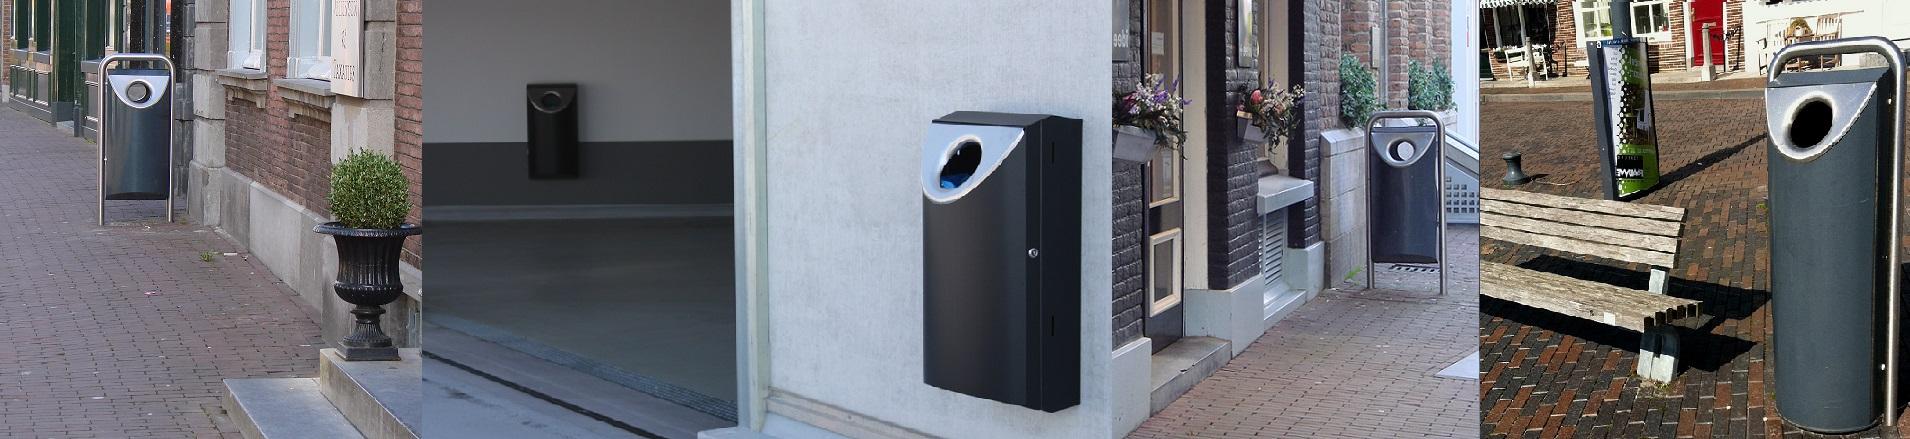 RVS afvalbakken op maat laten maken voor buiten